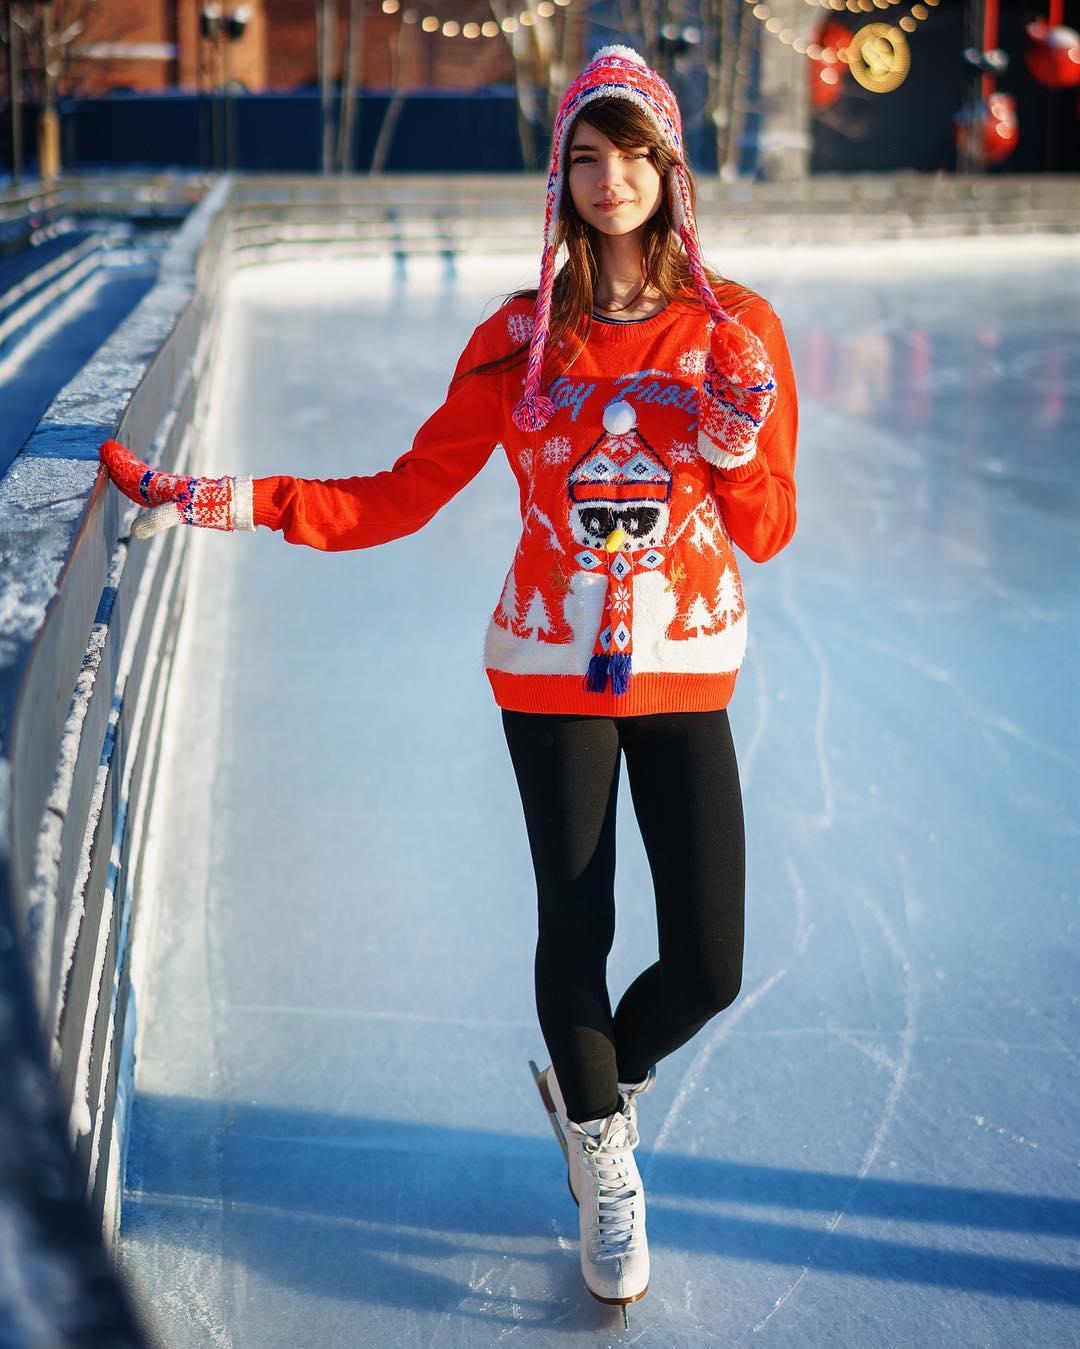 Санкт-Петербург зимой - где побывать, что посмотреть?